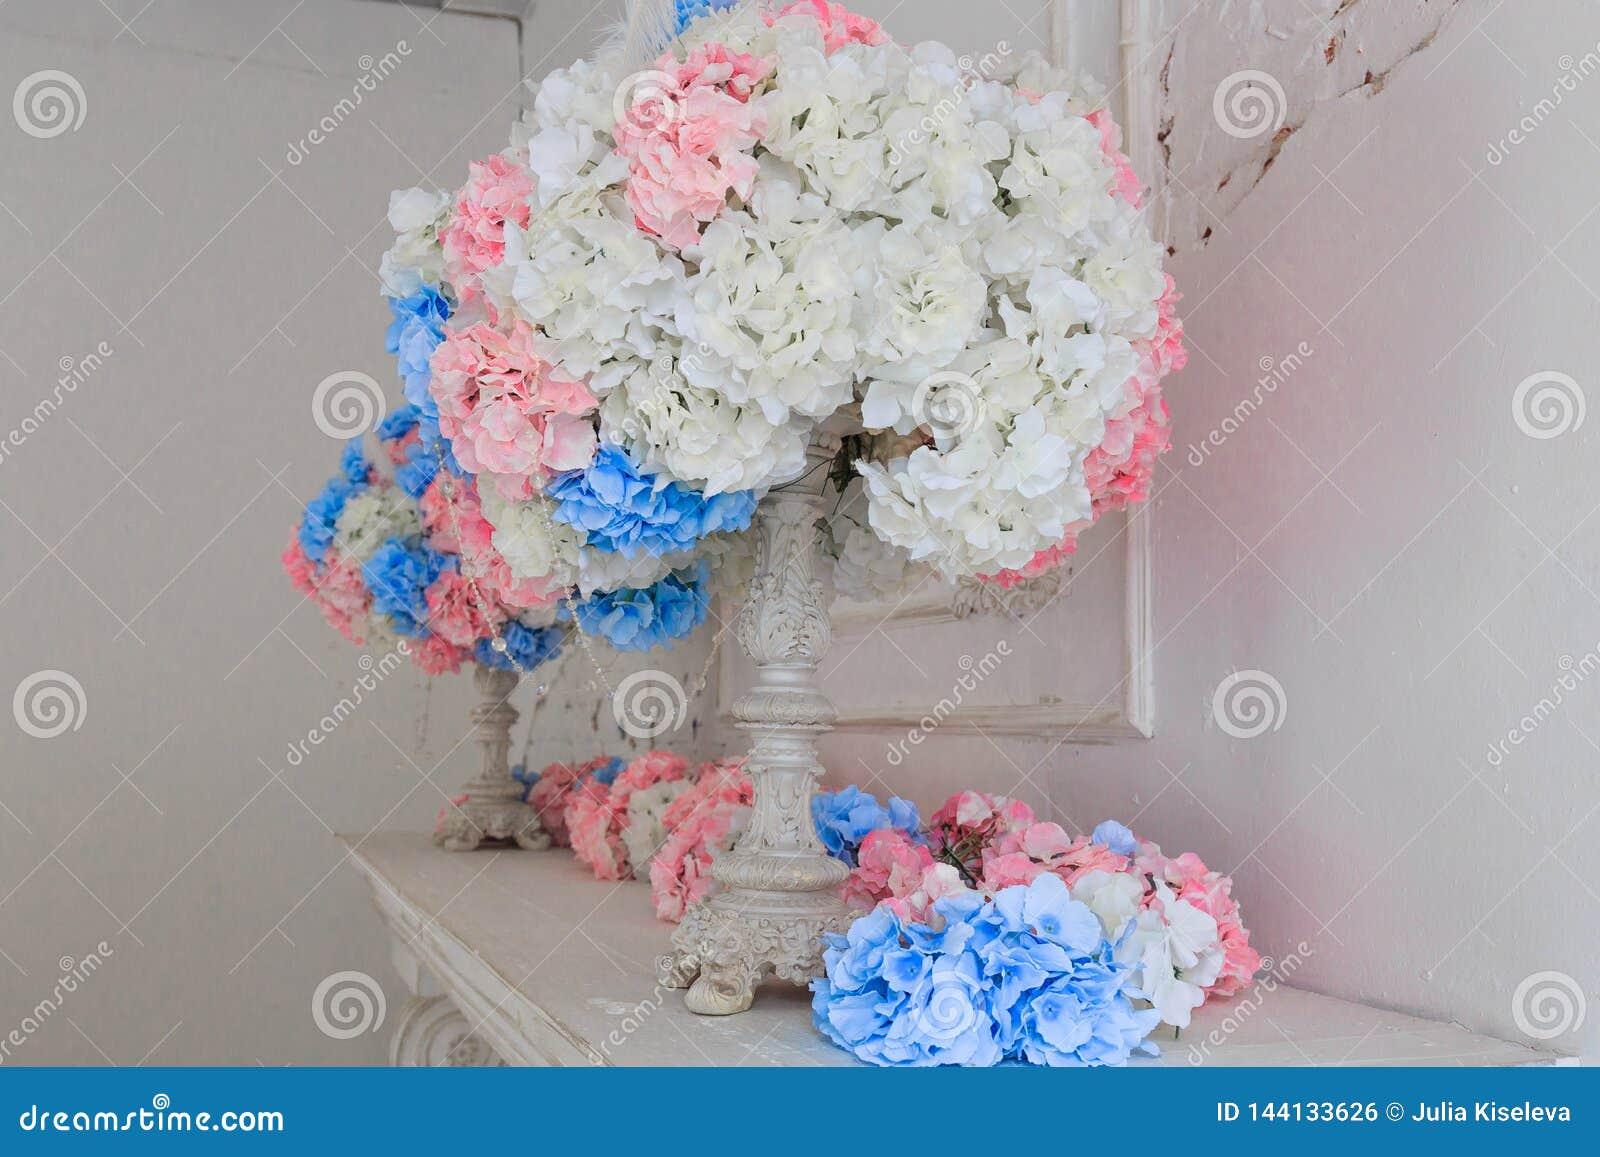 De witte open haard is verfraaid met kaarsen en bloemen